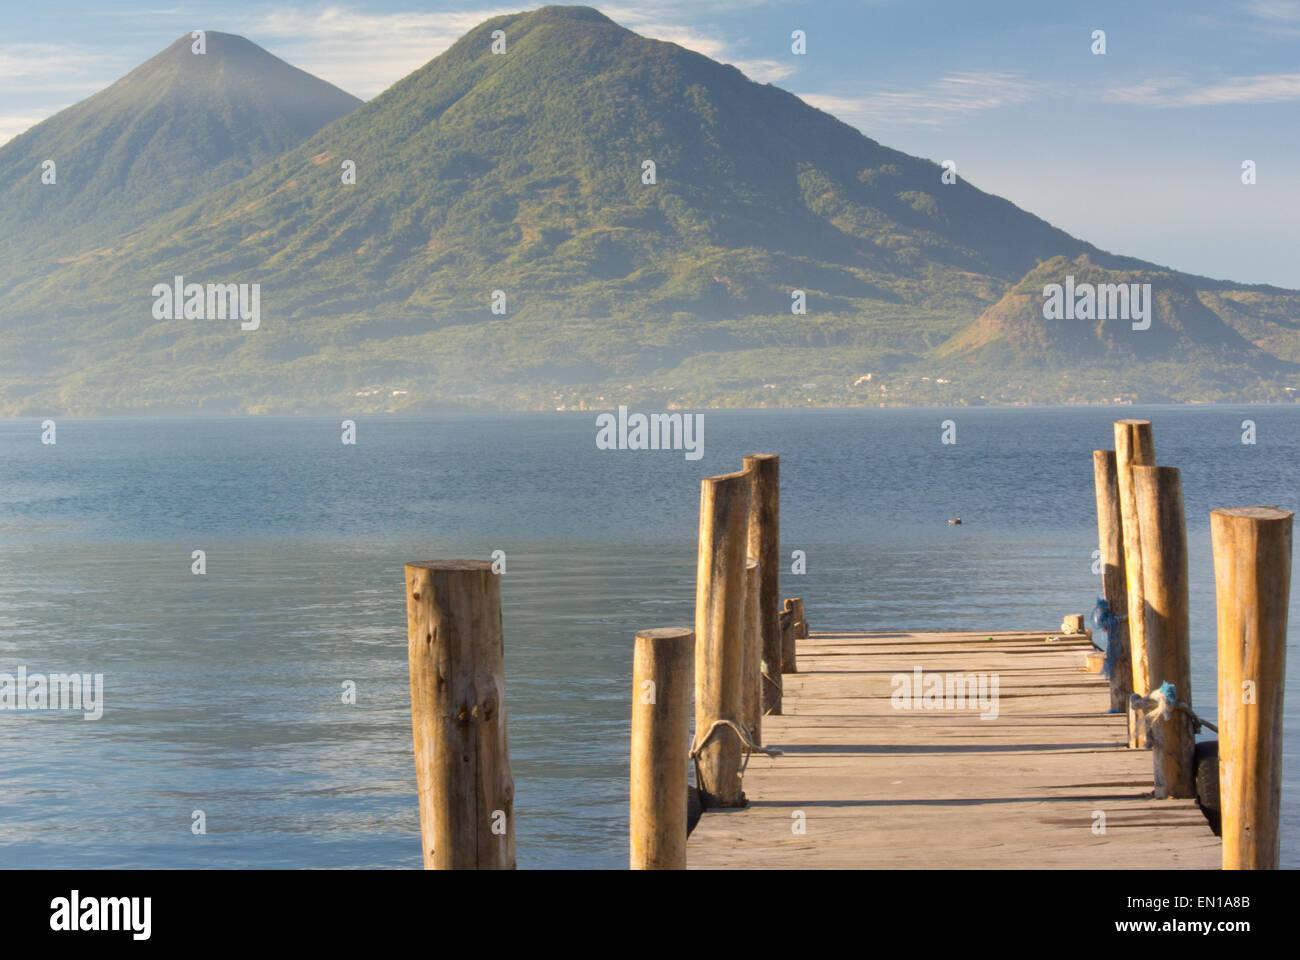 Sunrise on lake Atitlan, volcanoes Toliman and Atitlan - Stock Image